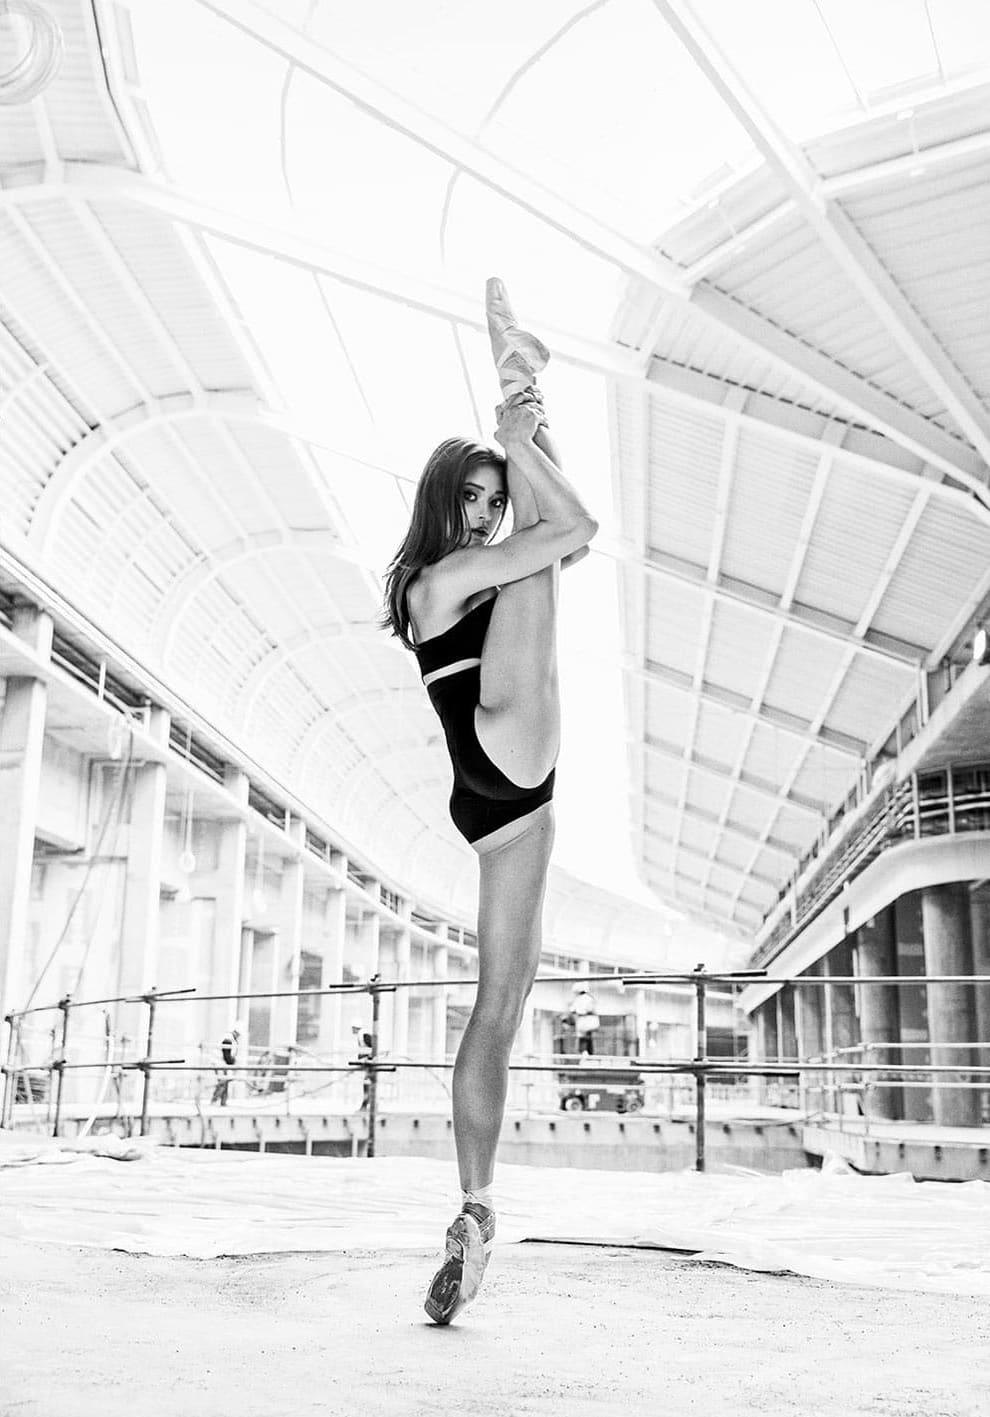 Ballerina #01 fot. Szymon Brodziak